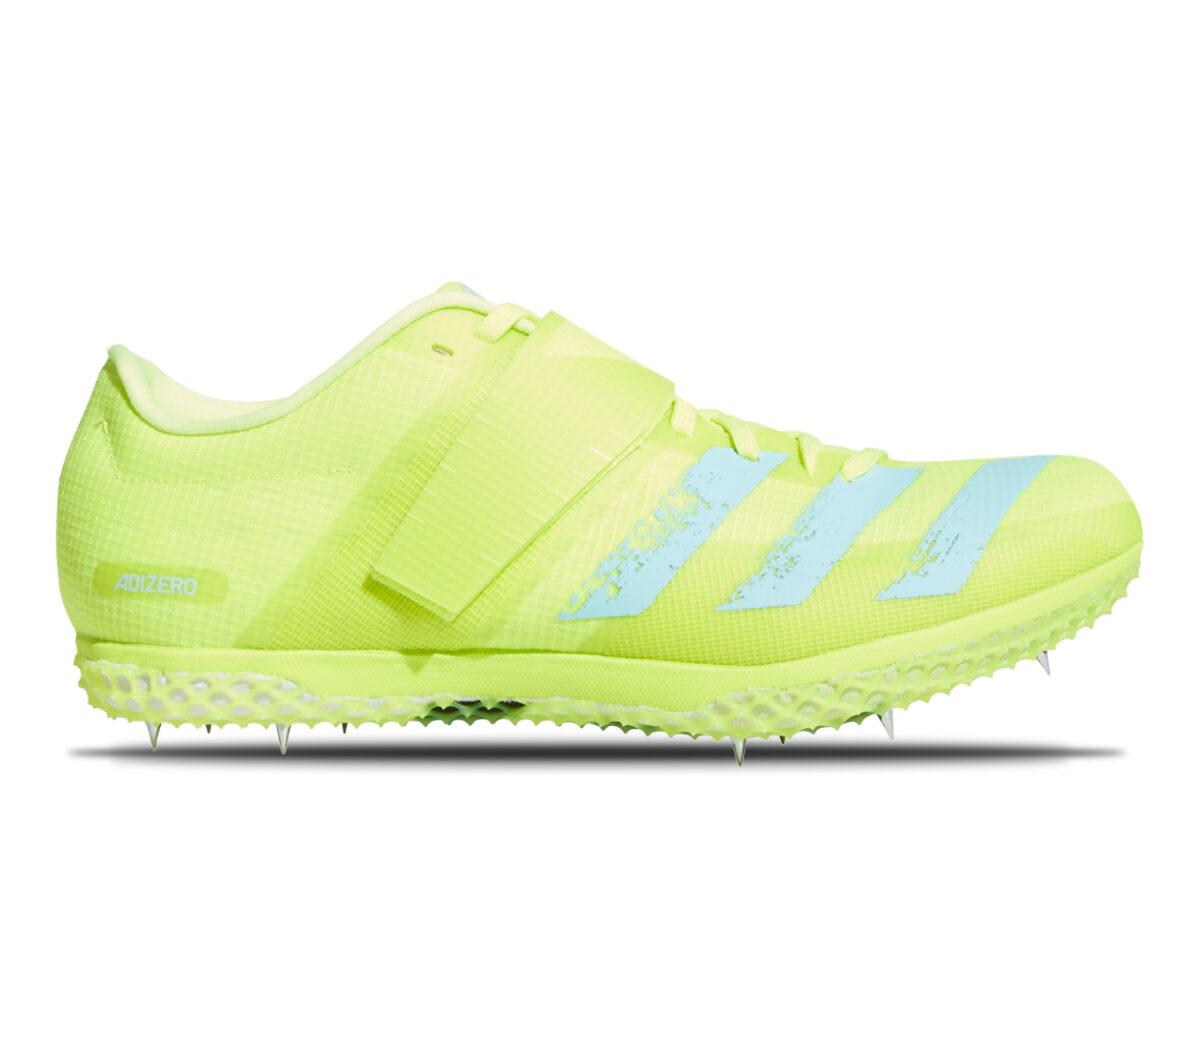 scarpa da pista per salto in alto adidas adizero hj fluo